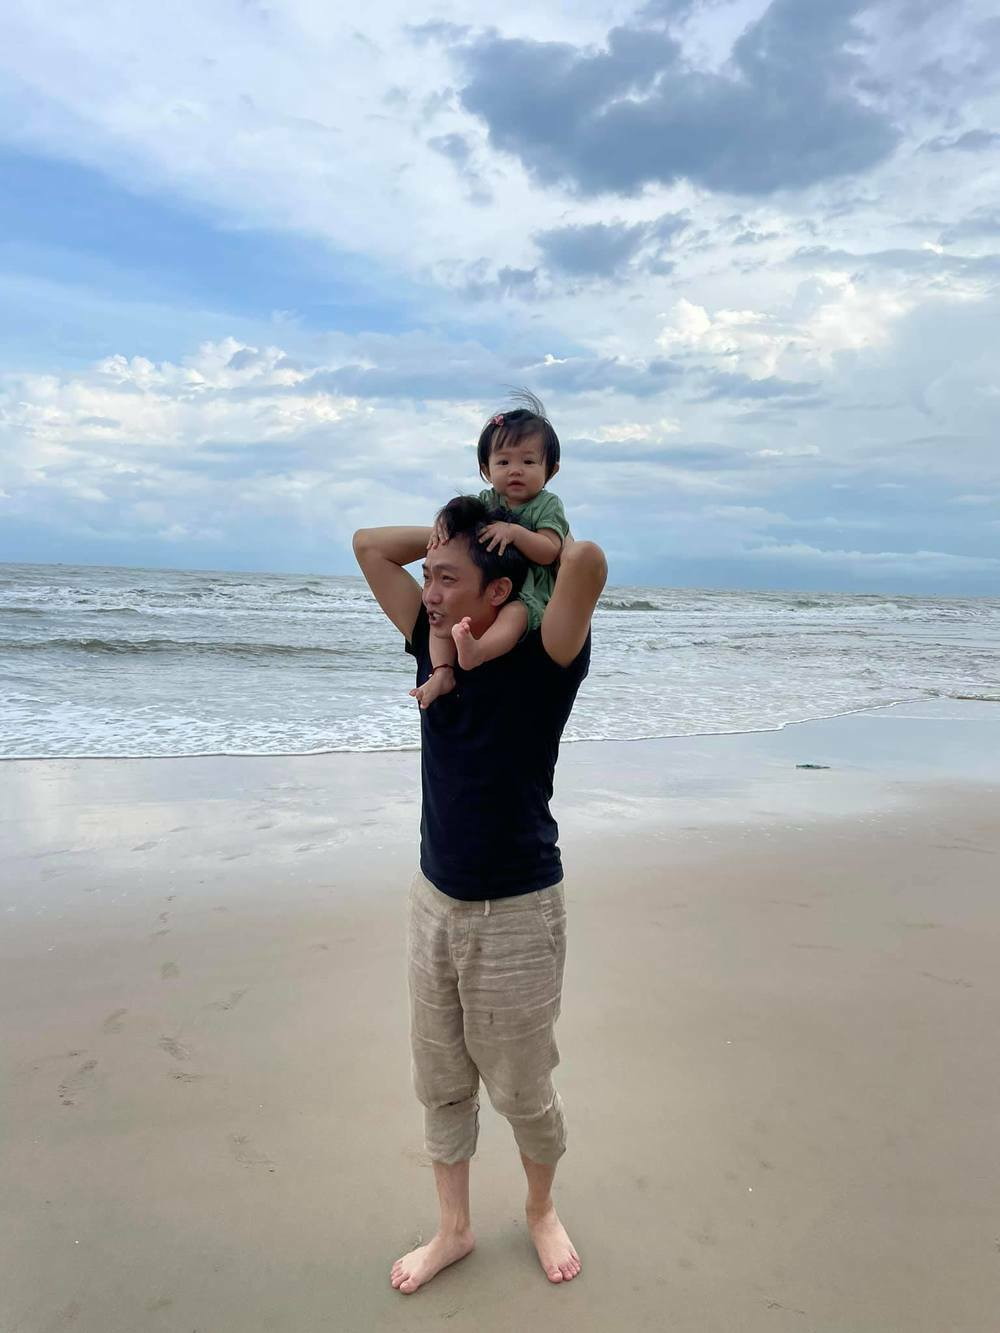 Cường Đô la khoe ảnh đi chơi biển: Subeo và Suchin giật spotlight - ảnh 1